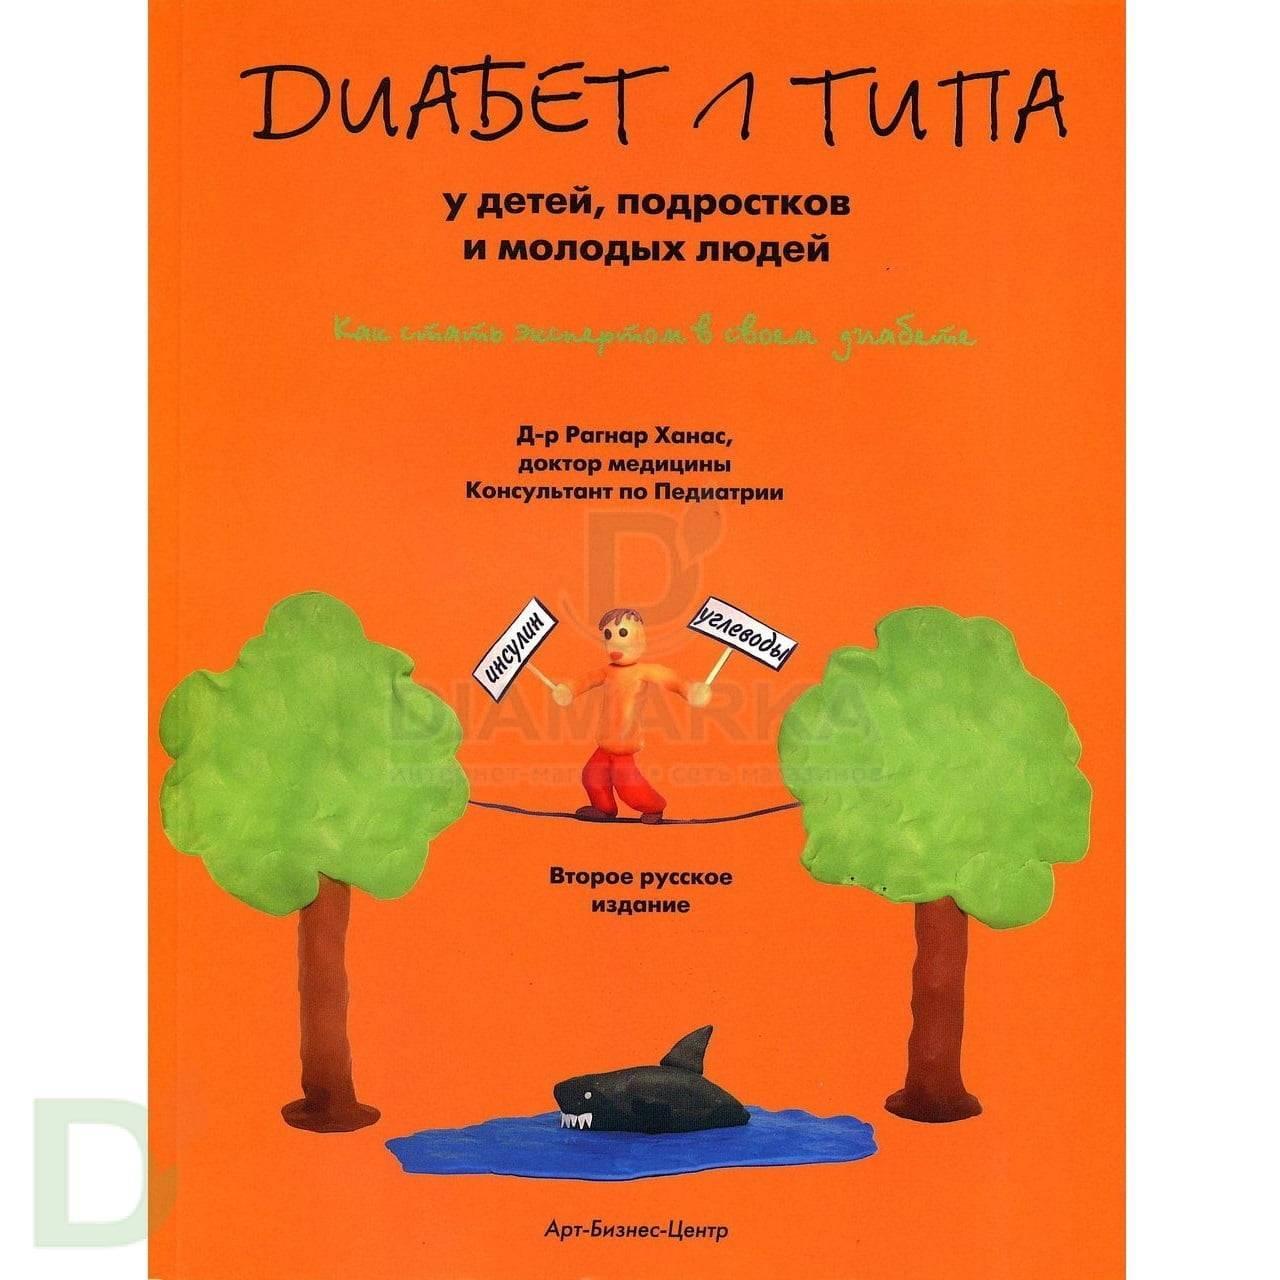 Кизил для диабетиков